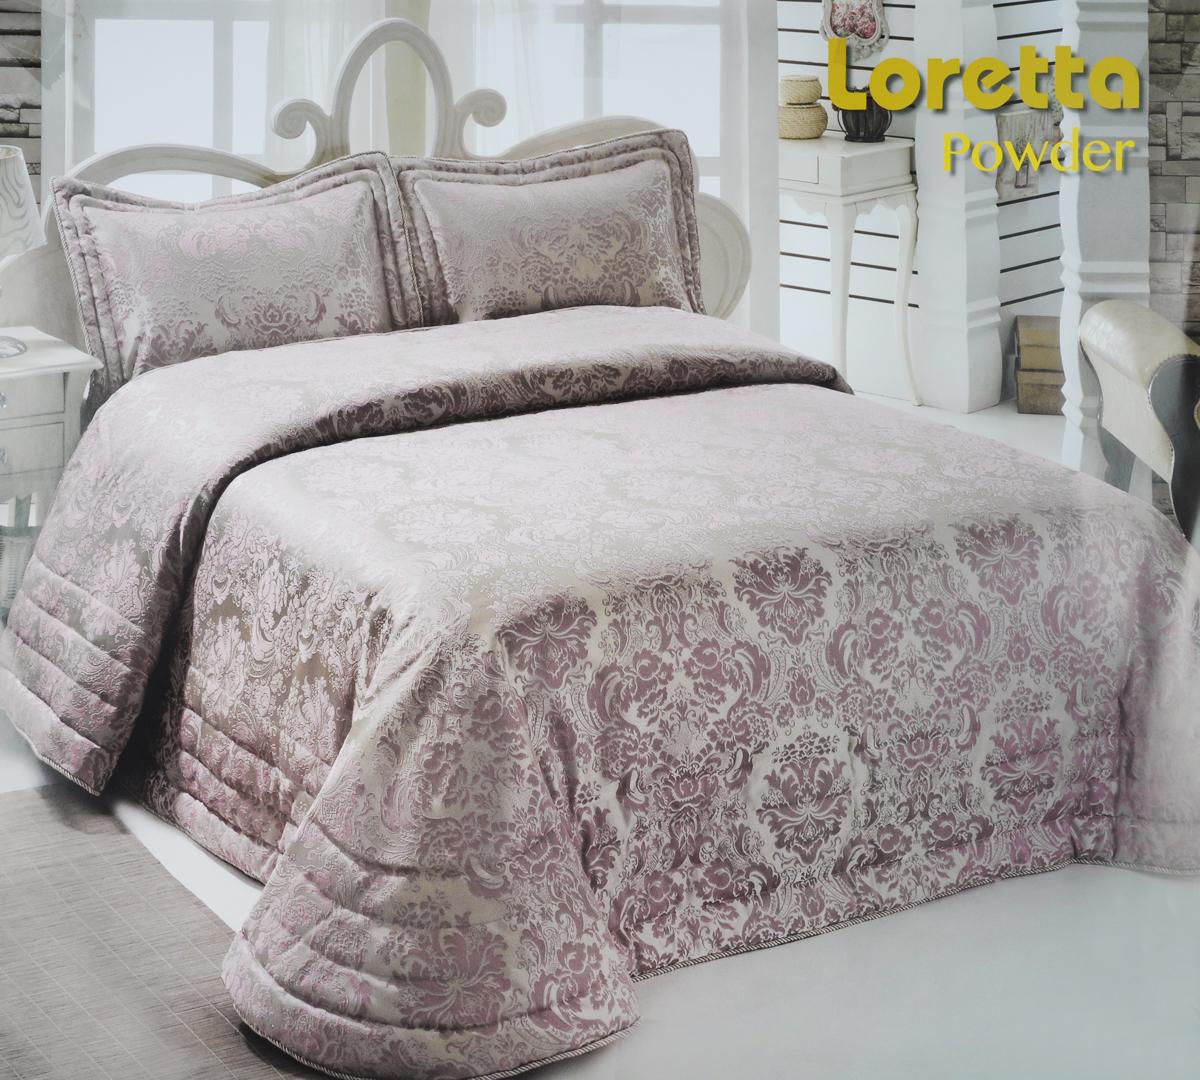 """Комплект для спальни Modalin """"Nazsu. Loretta"""": покрывало 250 х 270 см, 2 наволочки 50 х 70 см, цвет: пыльная роза"""